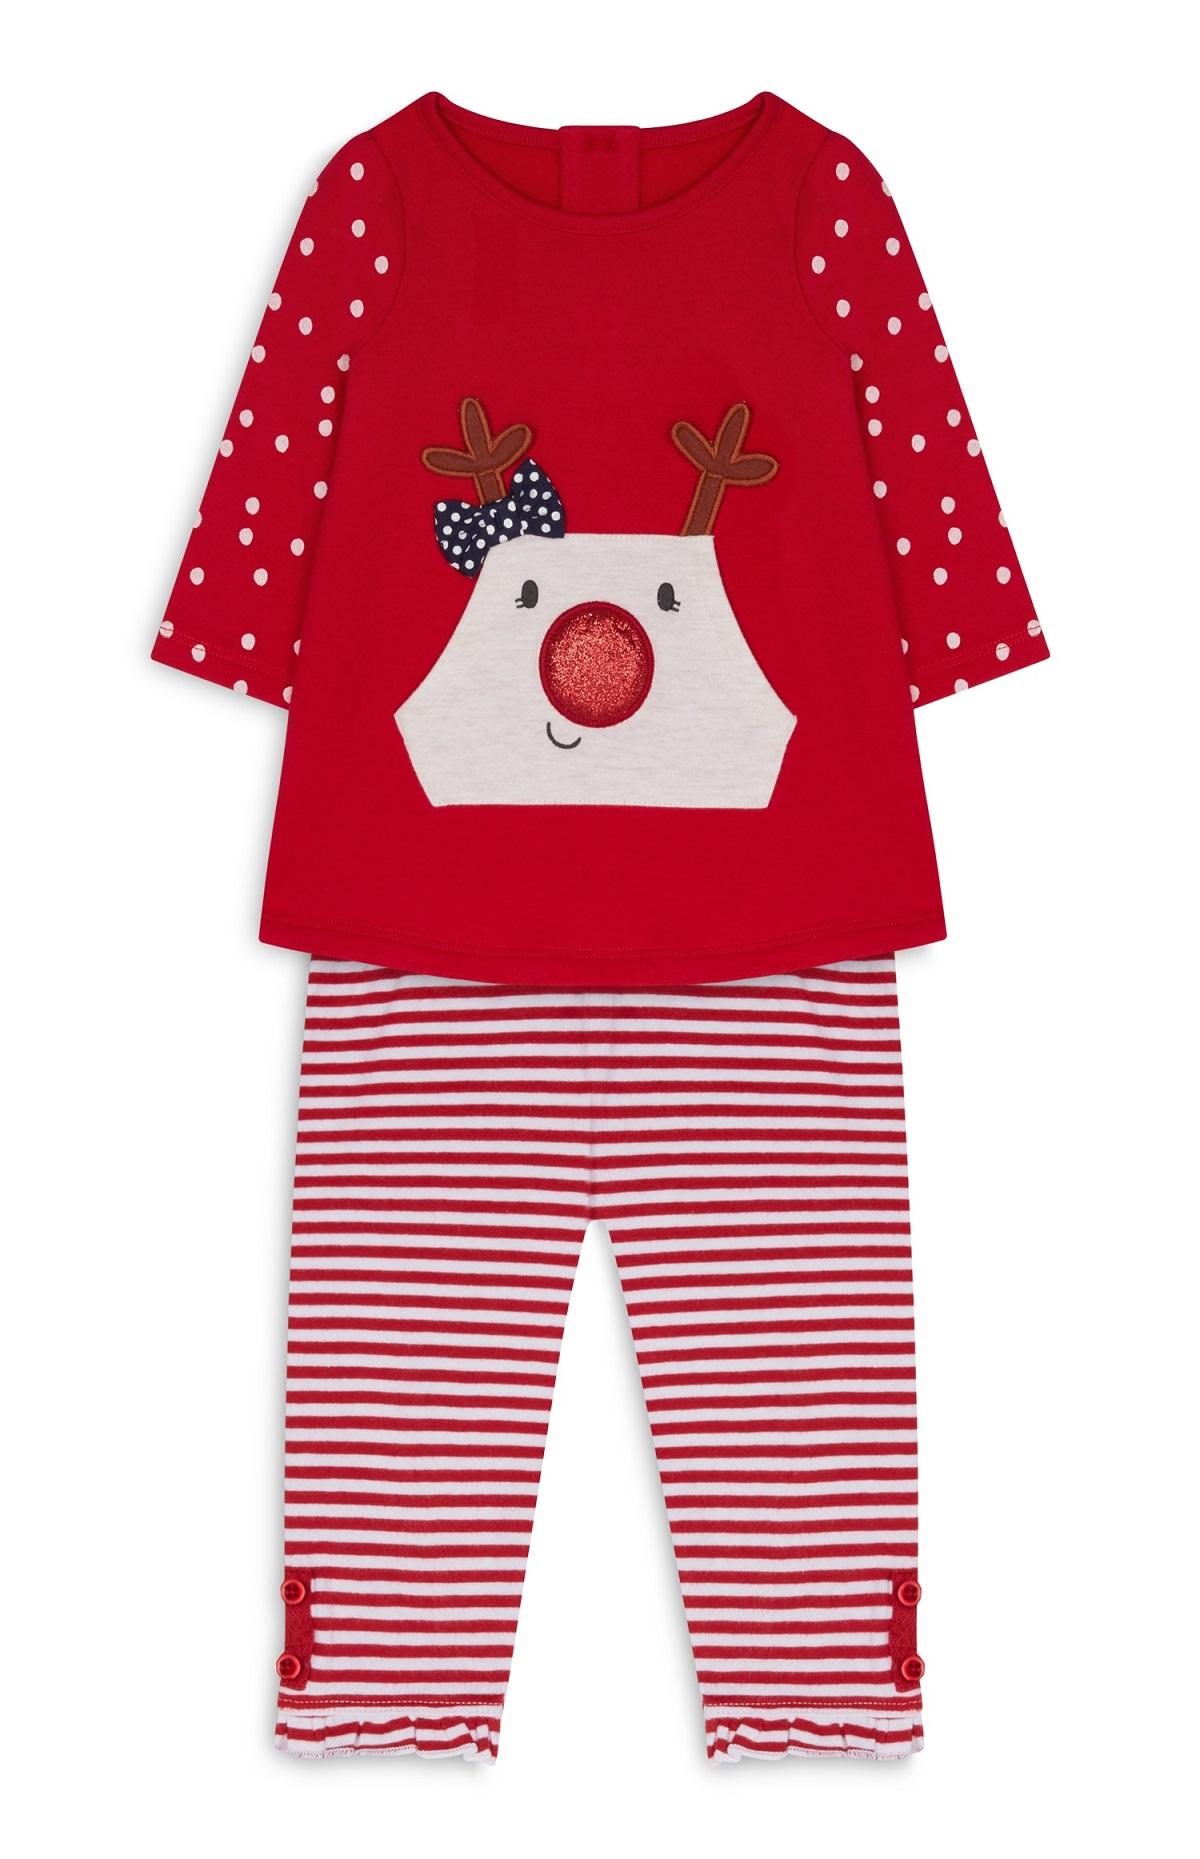 40e6acf27a Primark y sus prendas más navideñas para bebés